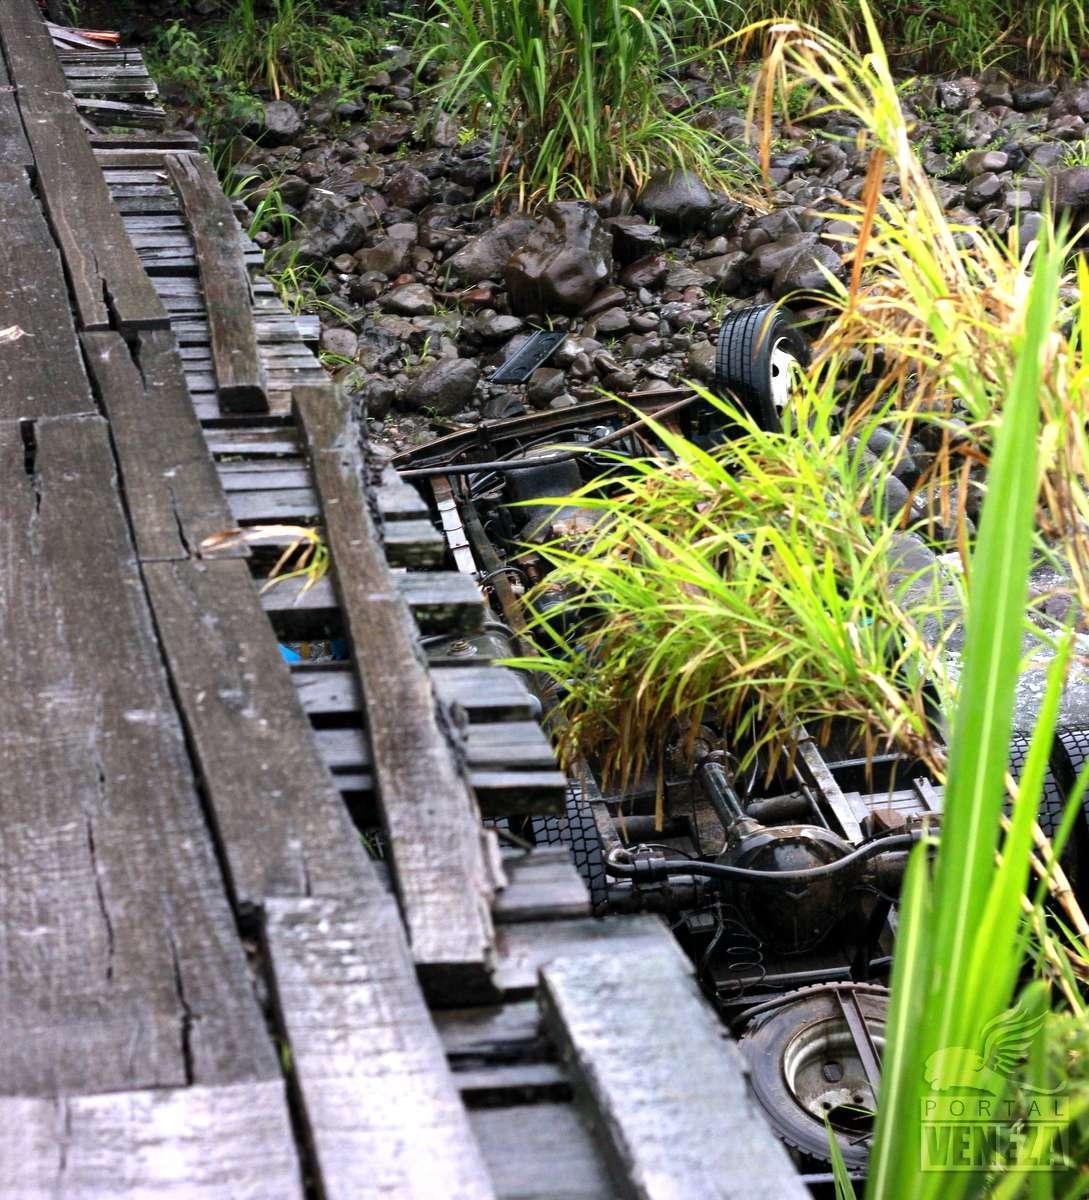 Caminhão com placas de Orleans cai de ponte e tomba dentro do rio, em Siderópolis5